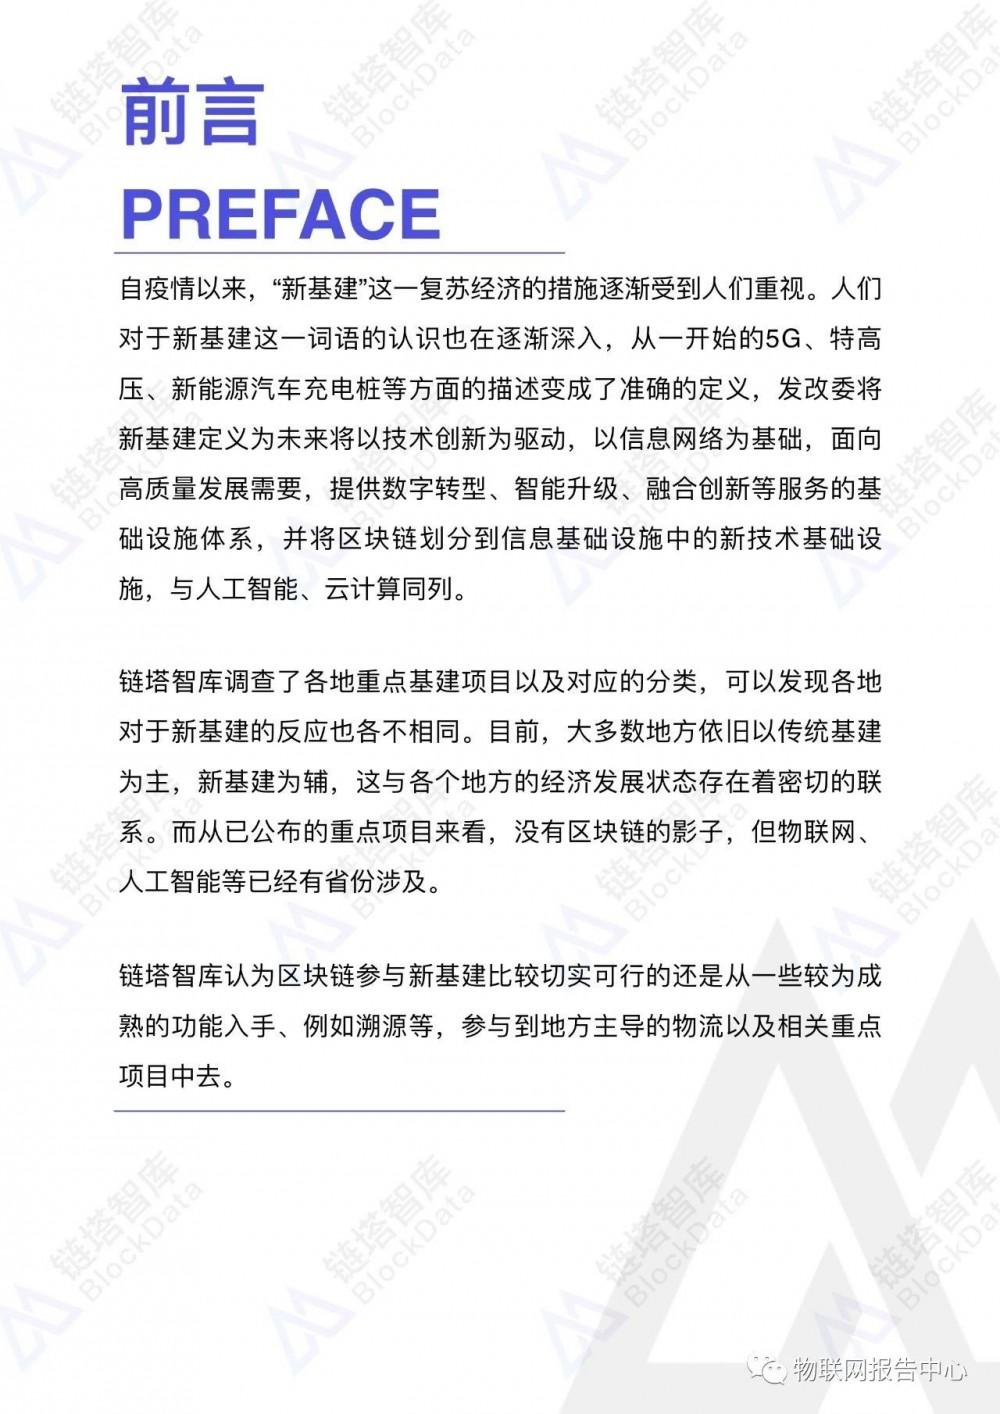 区块链应用之九:中国新基建区块链重点项目配图(3)